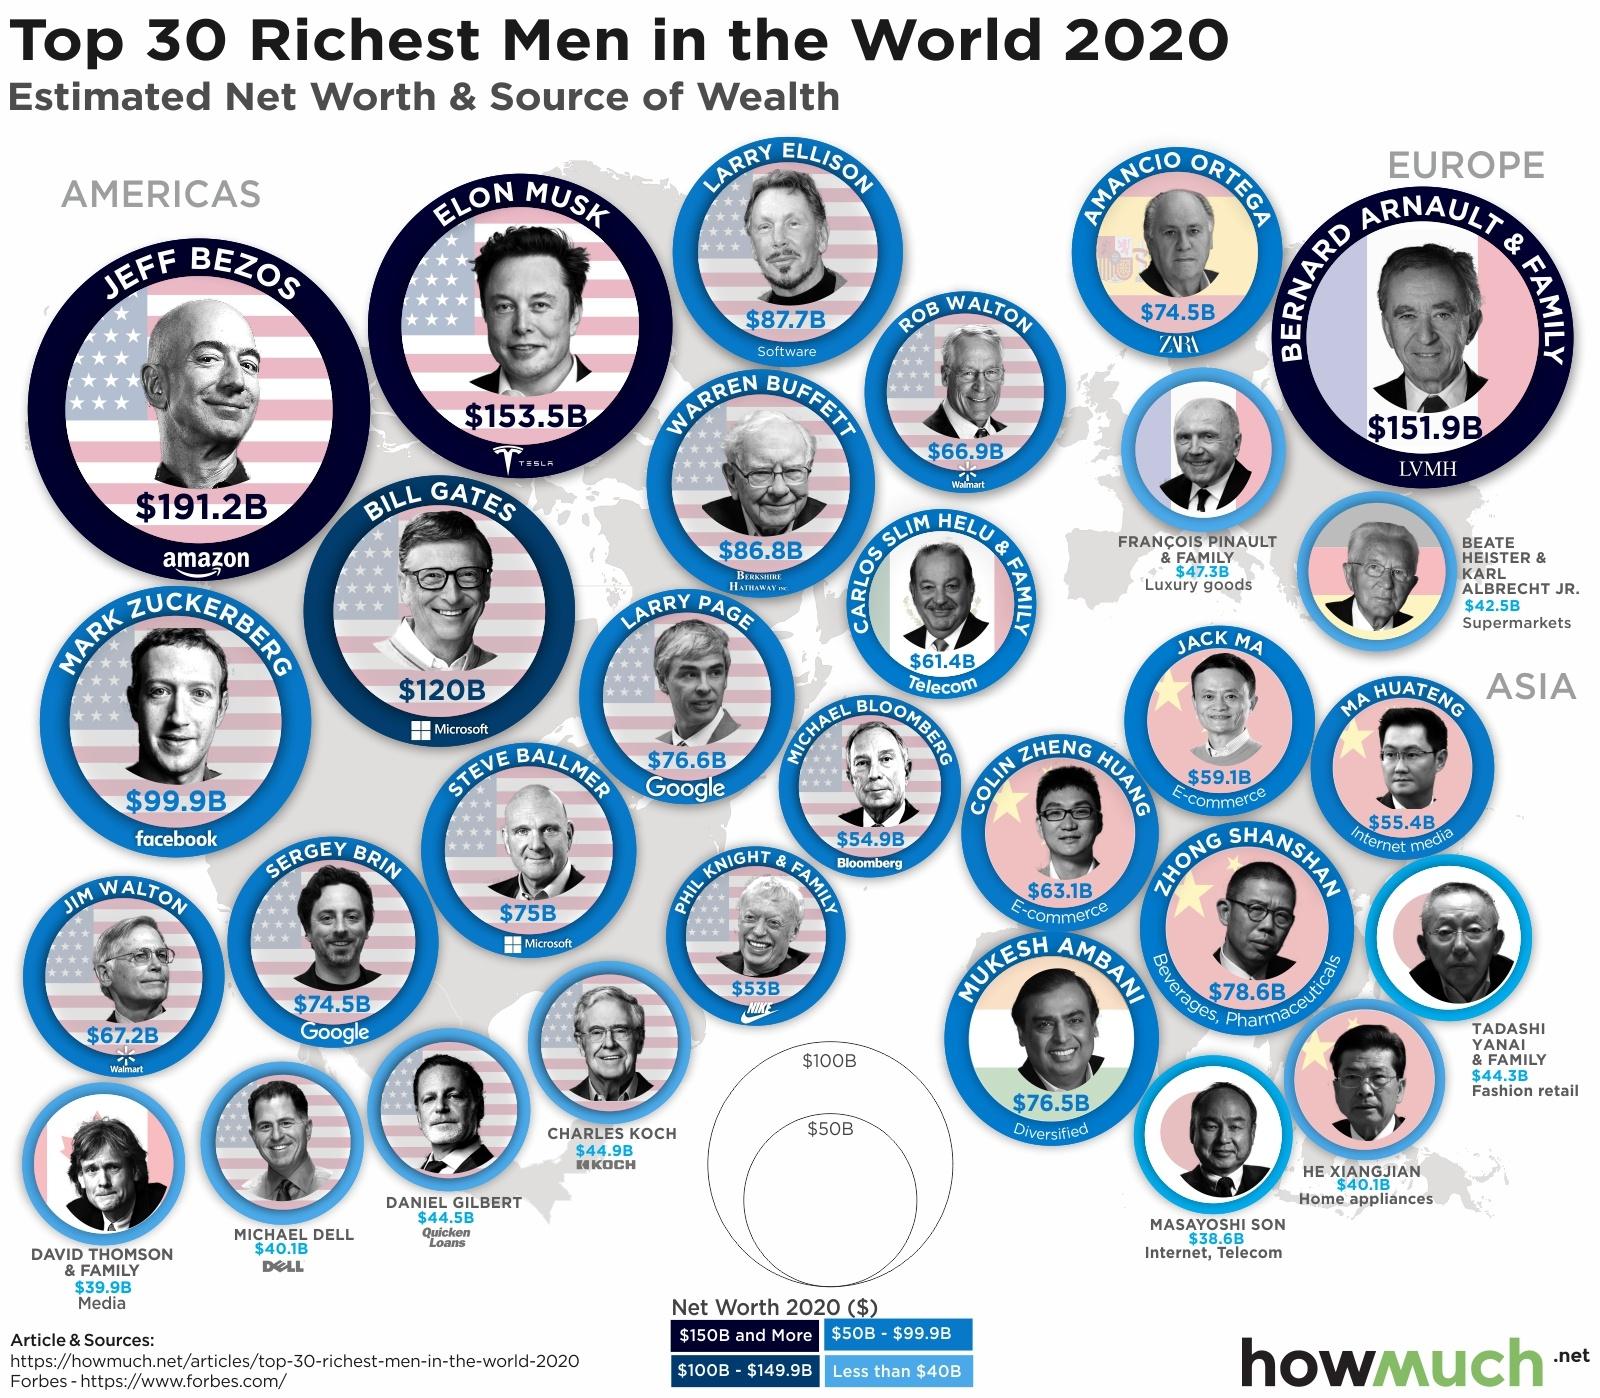 Richest men in the world